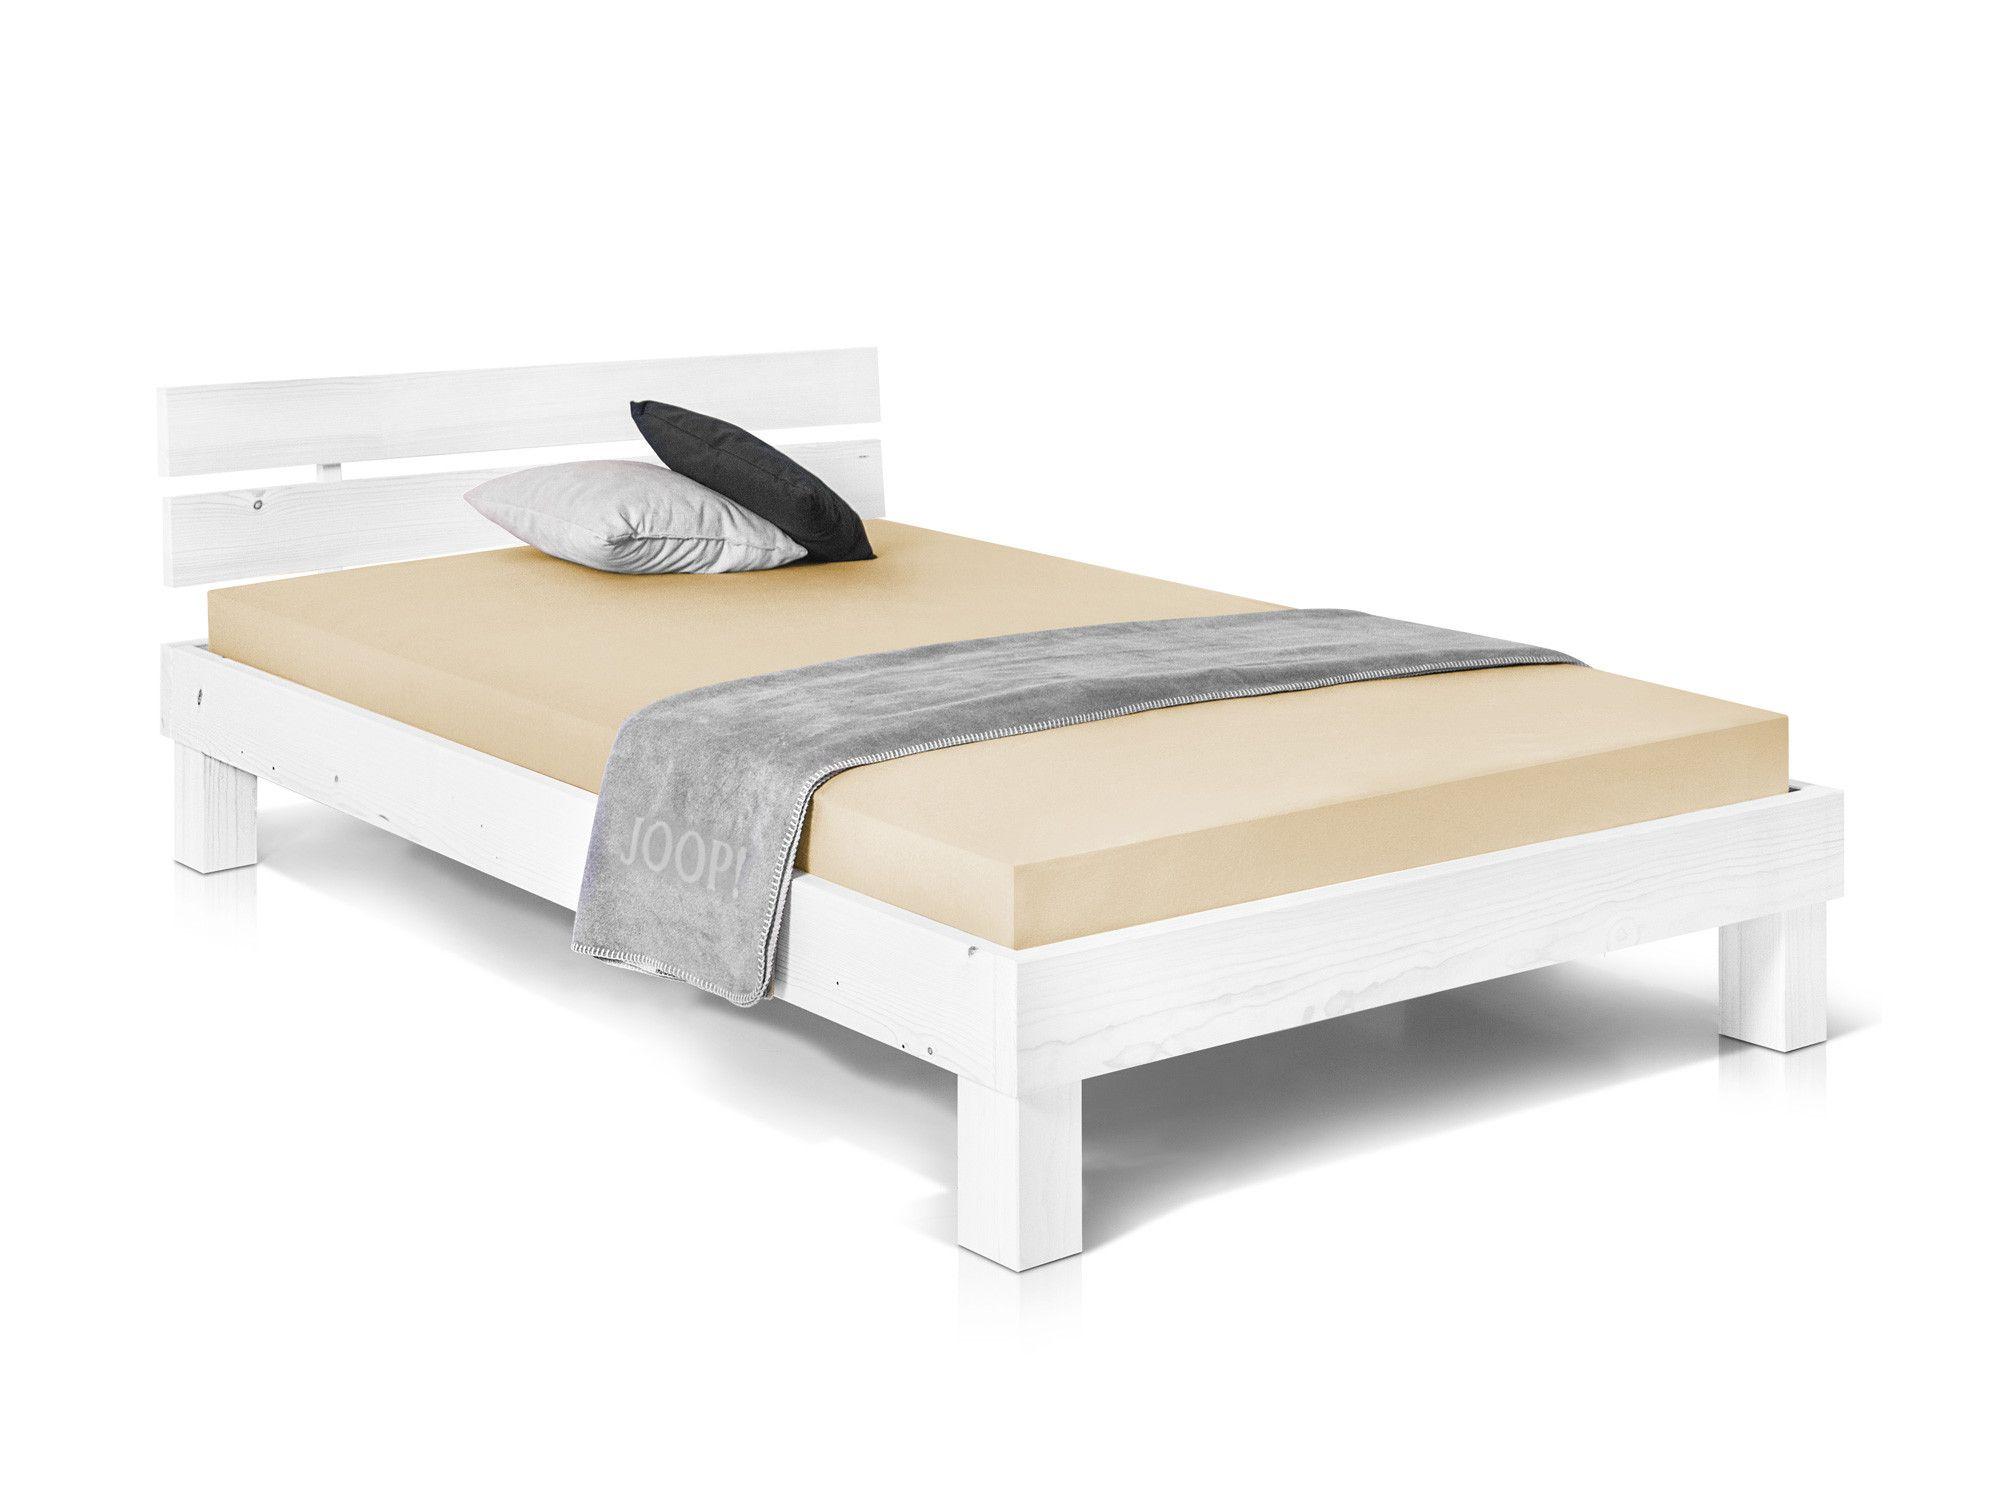 Einzigartig 45 Fur Gartenliege Danisches Bettenlager Bett 140x200 Ikea Bett Big Sofa Mit Schlaffunktion